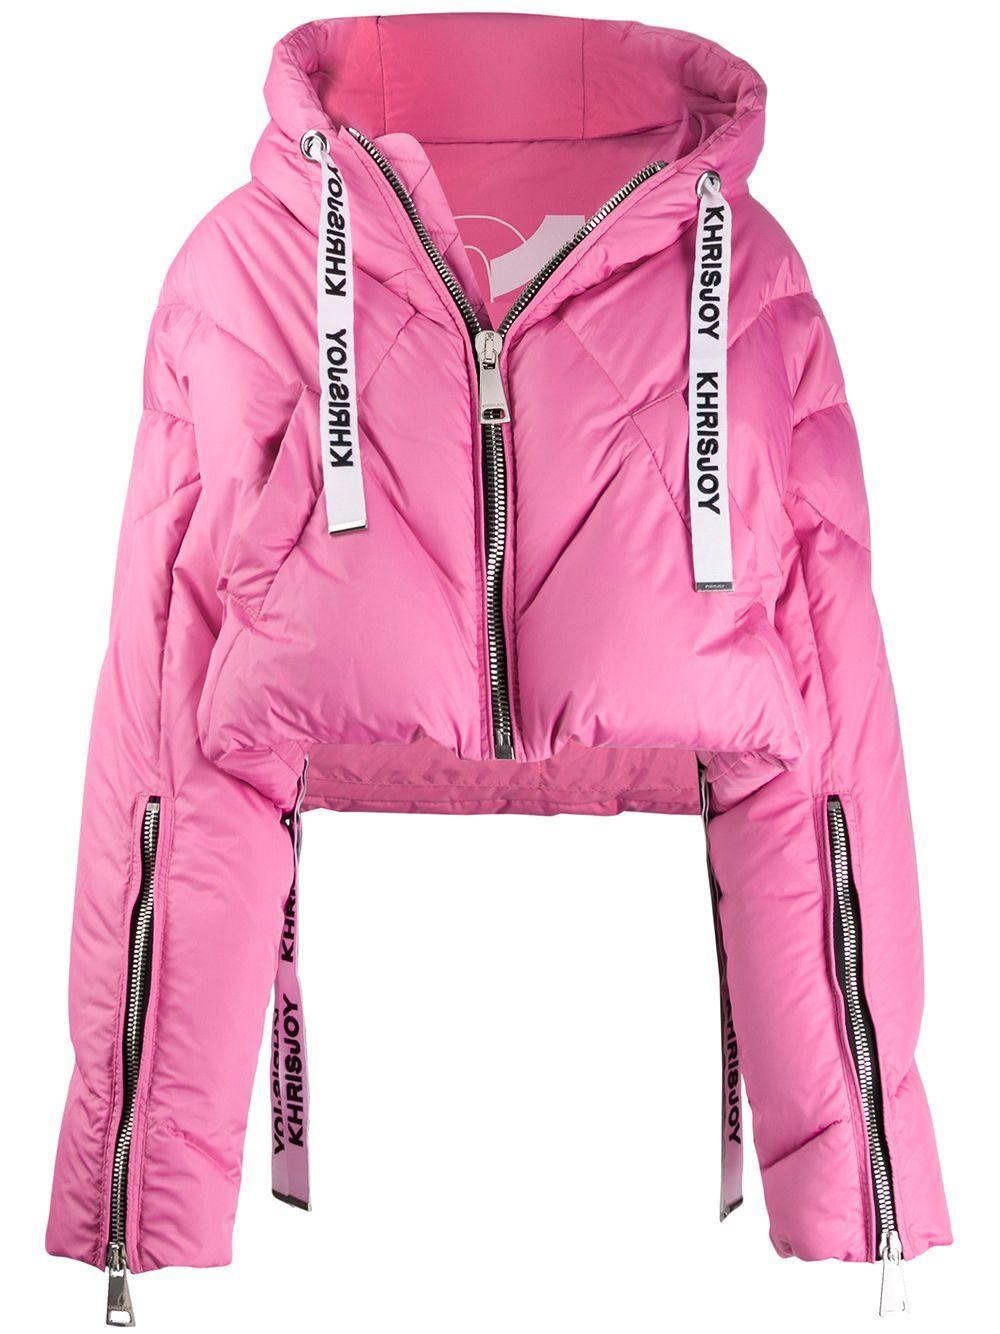 Khrisjoy Cropped Hooded Puffer Jacket Farfetch In 2021 Jackets Puffer Jackets Fashion [ 1334 x 1000 Pixel ]